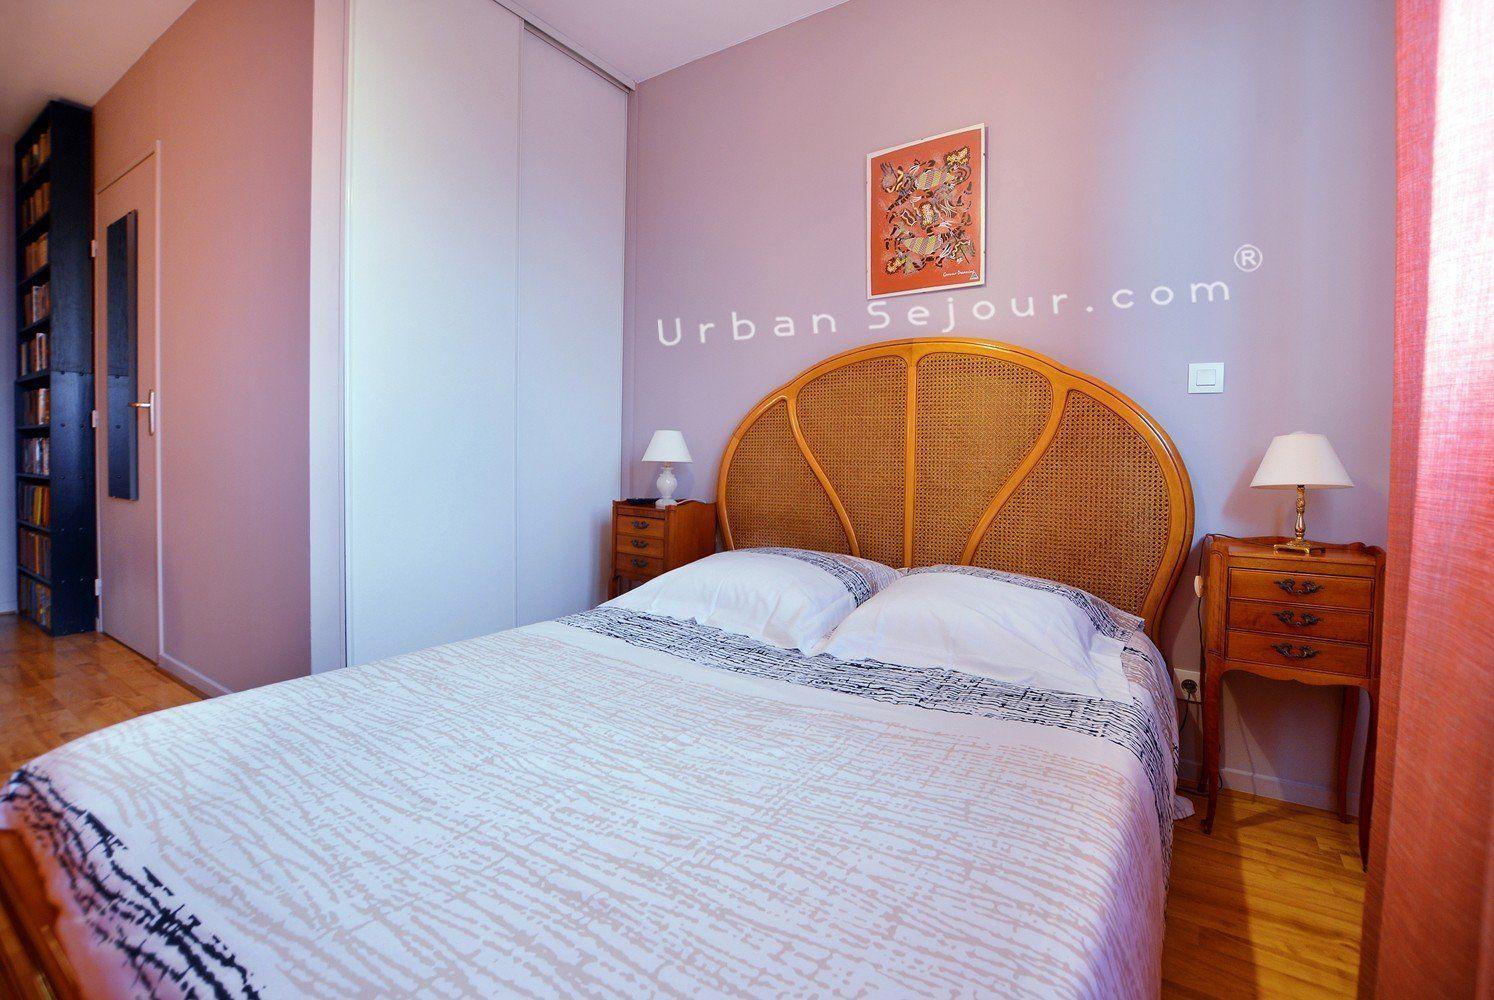 location chambre d 39 h tes lyon 3 part dieu castellanne rh ne. Black Bedroom Furniture Sets. Home Design Ideas